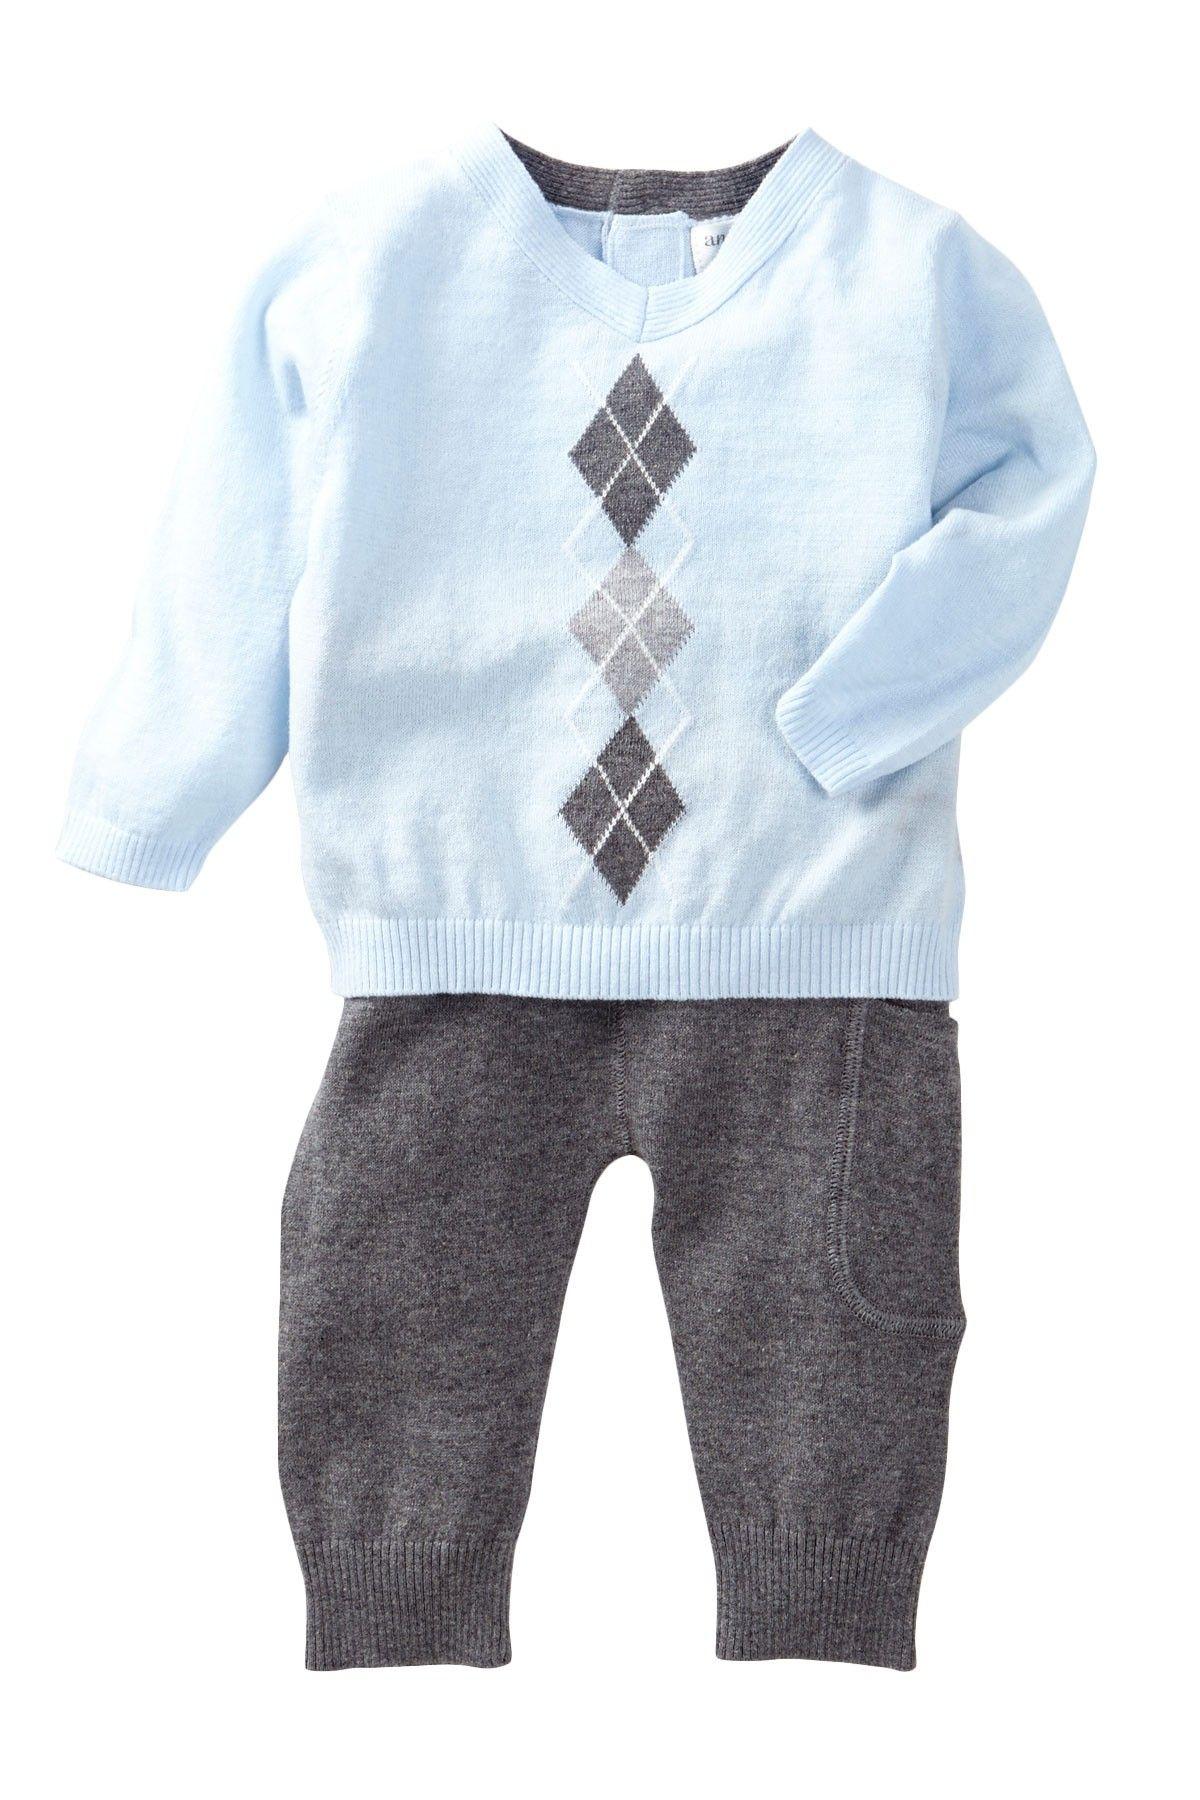 Iconic Boy Set (Baby)